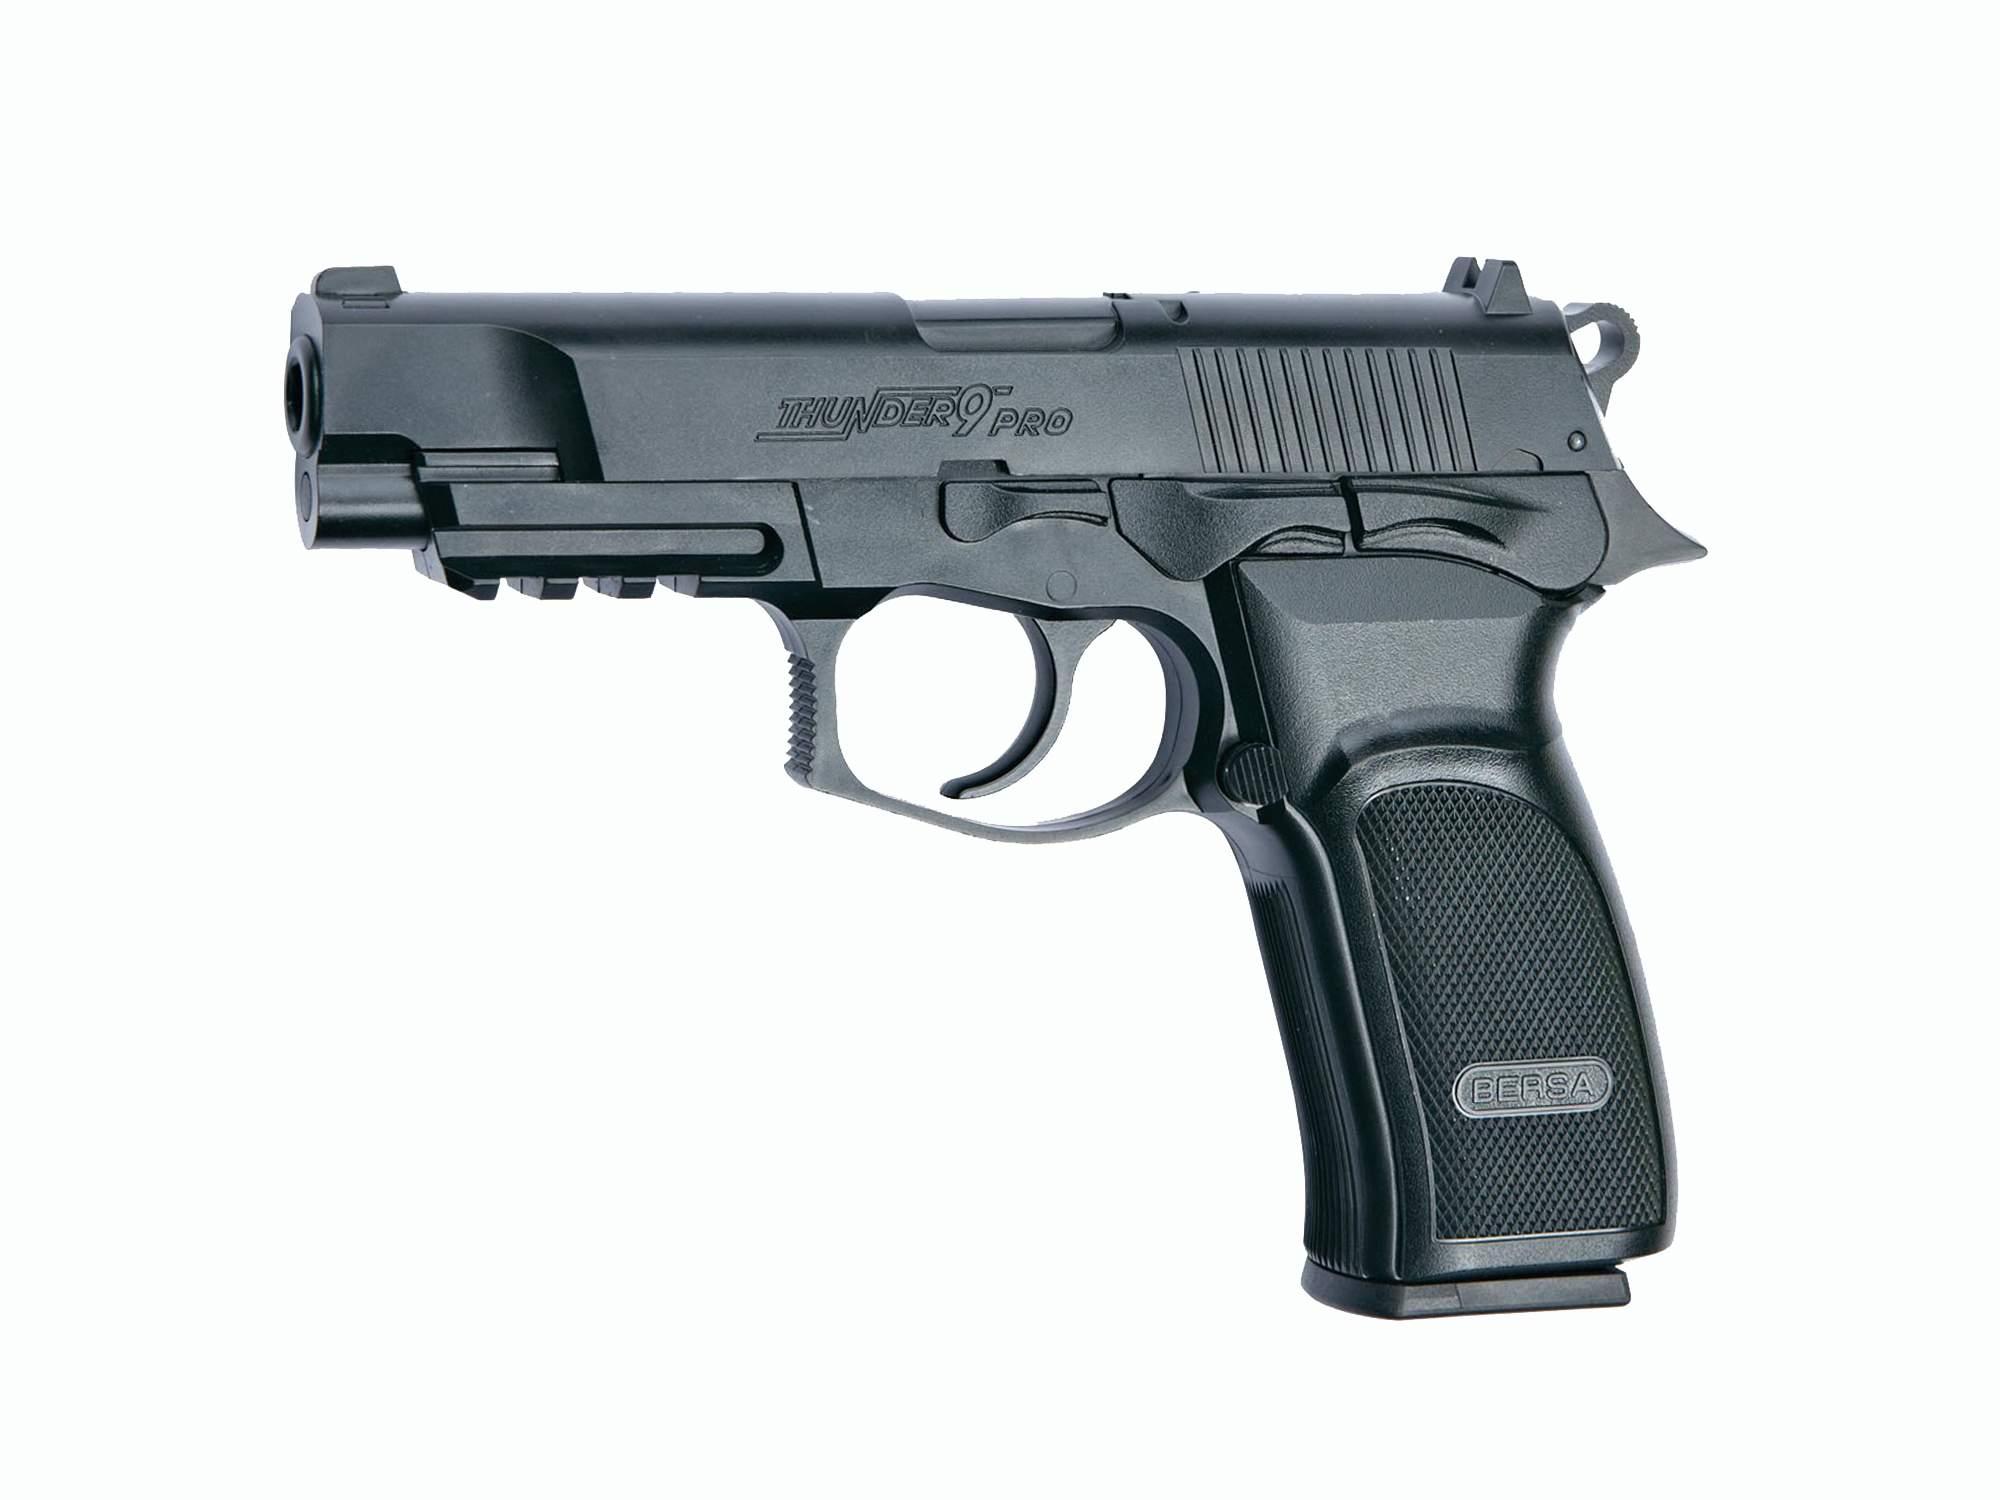 Réplique Pistolet BERSA THUNDER 9 Pro CO2 GNB